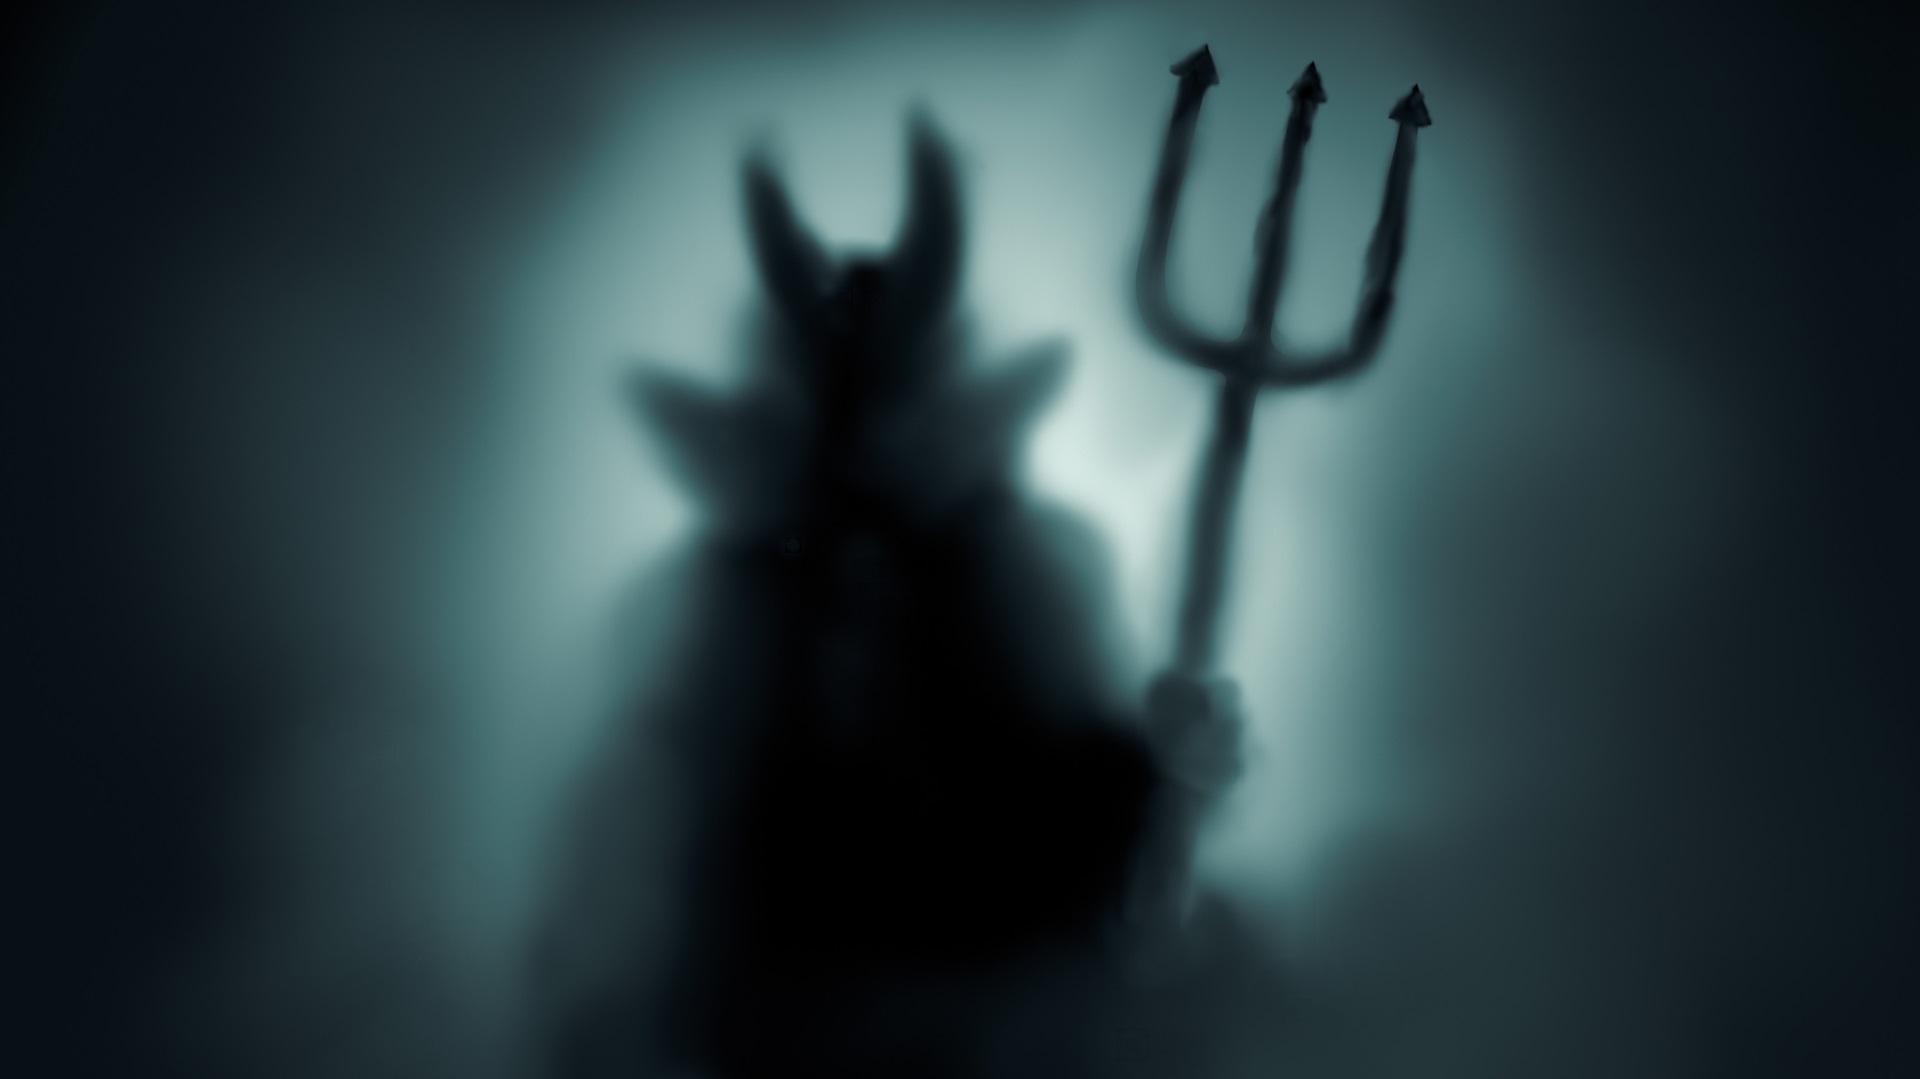 Кралството на Сатаната, Масачузетс (Satan's Kingdom, Massachusetts)<br /> <br /> Градът е наречен така, защото когато първите заселници дошли в района около 1670 г., там имало месни индианци, които започнали ожесточено да бранят земята си. Те провели толкова много жестоки атаки срещу новодошлите, че си мястото си спечелило страховитото име